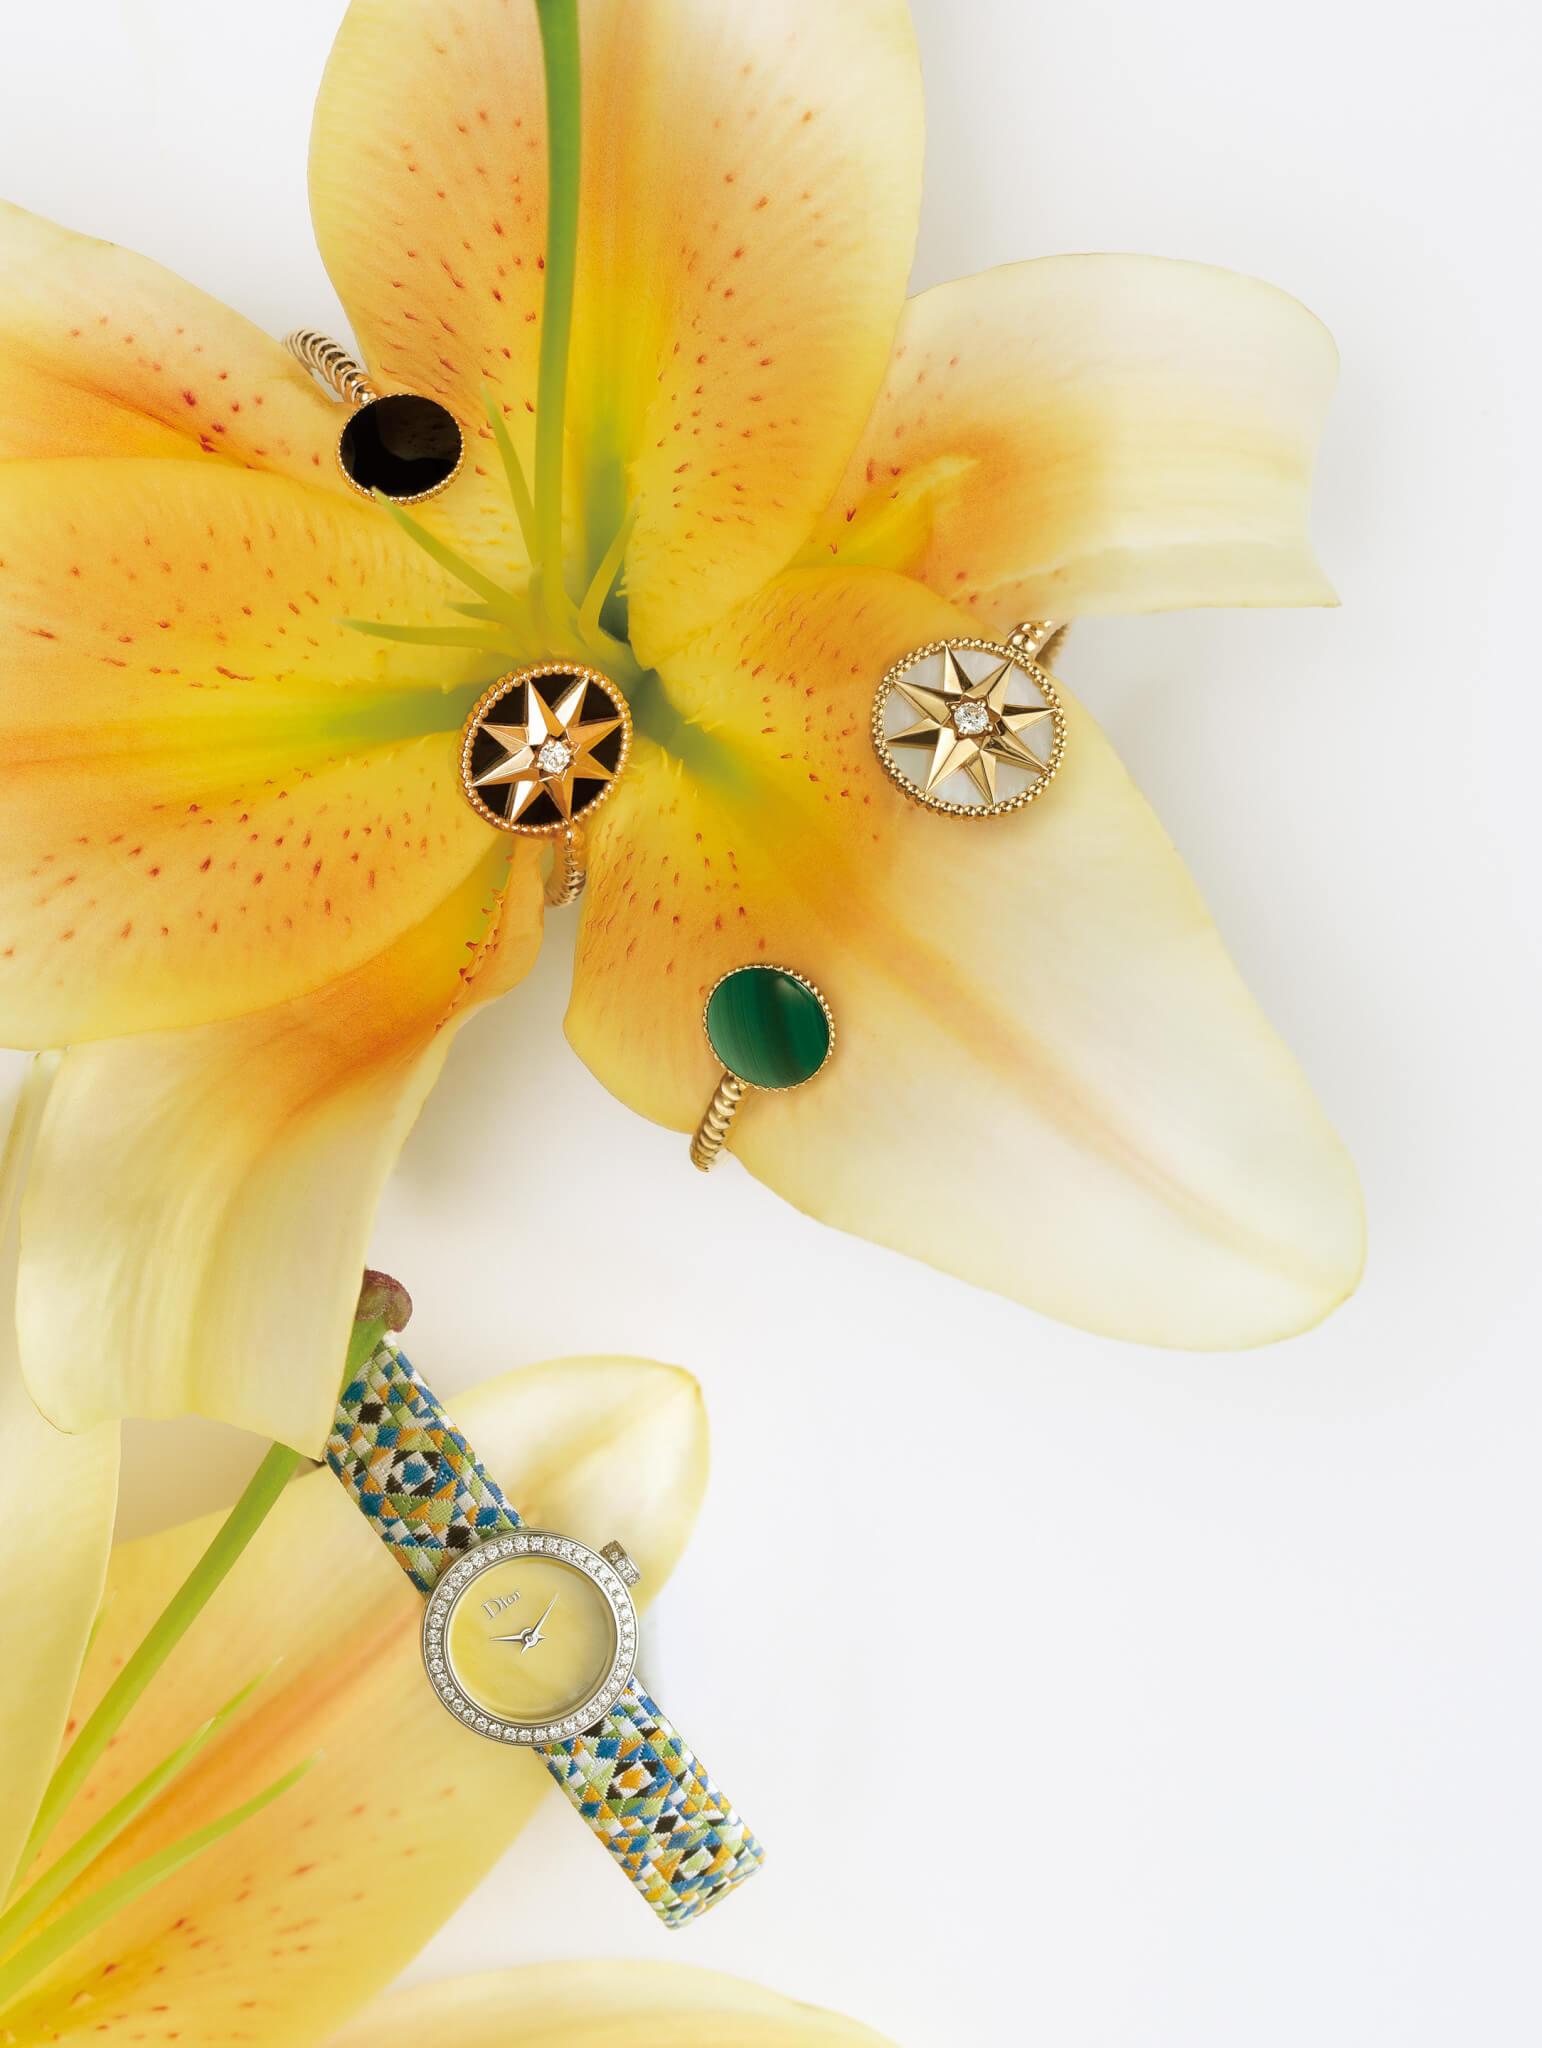 (上起)Rose des Vents 18K玫瑰金、鑽石及縞瑪瑙手鐲 $52,500 Rose des Vents 18K黃金、鑽石、珍珠母貝及孔雀石手鐲 $54,500 La Mini D de Dior Mosaique 19mm精鋼、鑽石及珍珠母貝腕錶,搭載石英機芯,配編織錶帶 $34,200